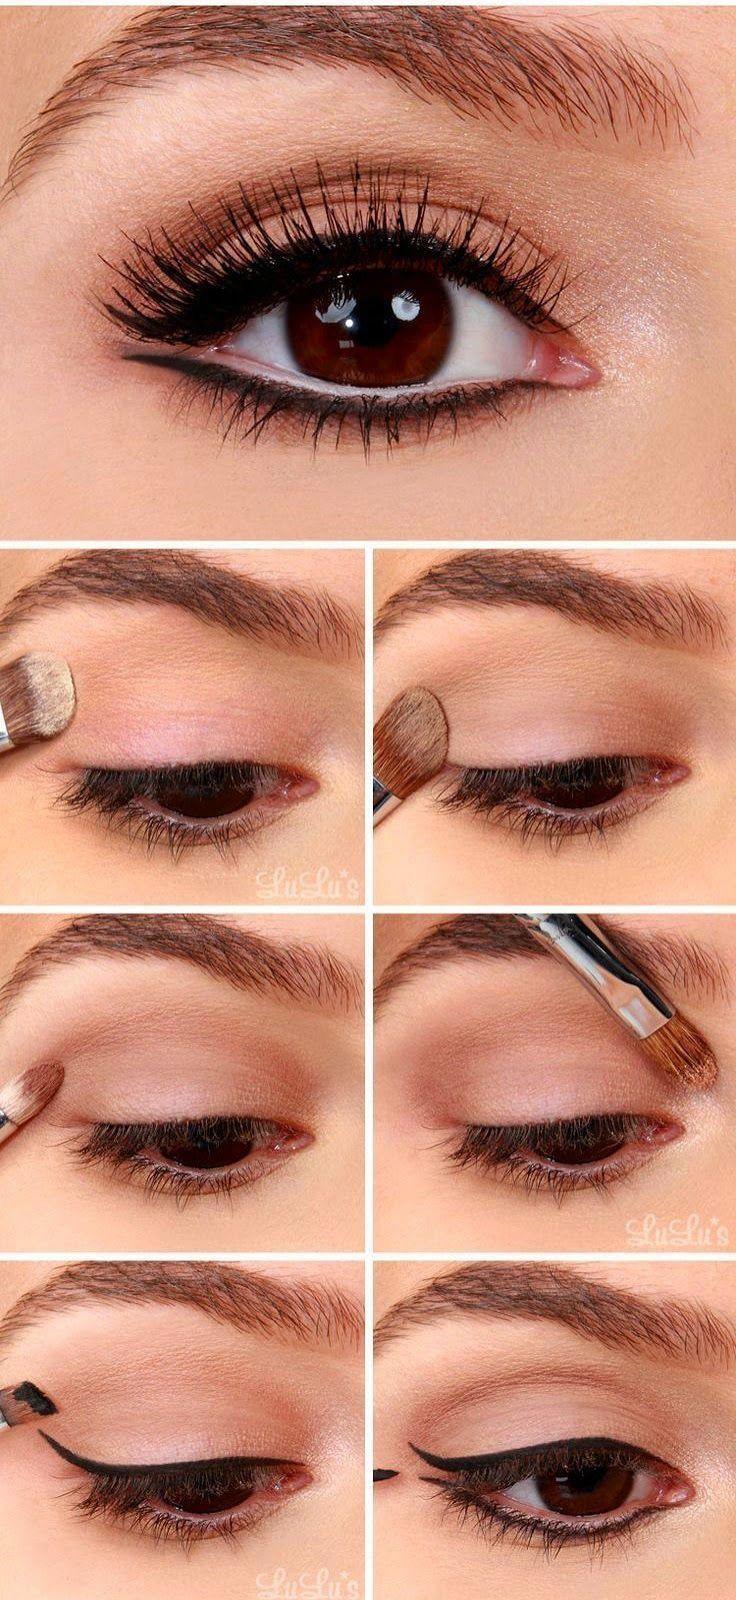 Simple Cat Eye Makeup Tip Howtoapplyeyeliner Black Eyeliner Makeup Makeup Tutorial Eyeliner No Eyeliner Makeup